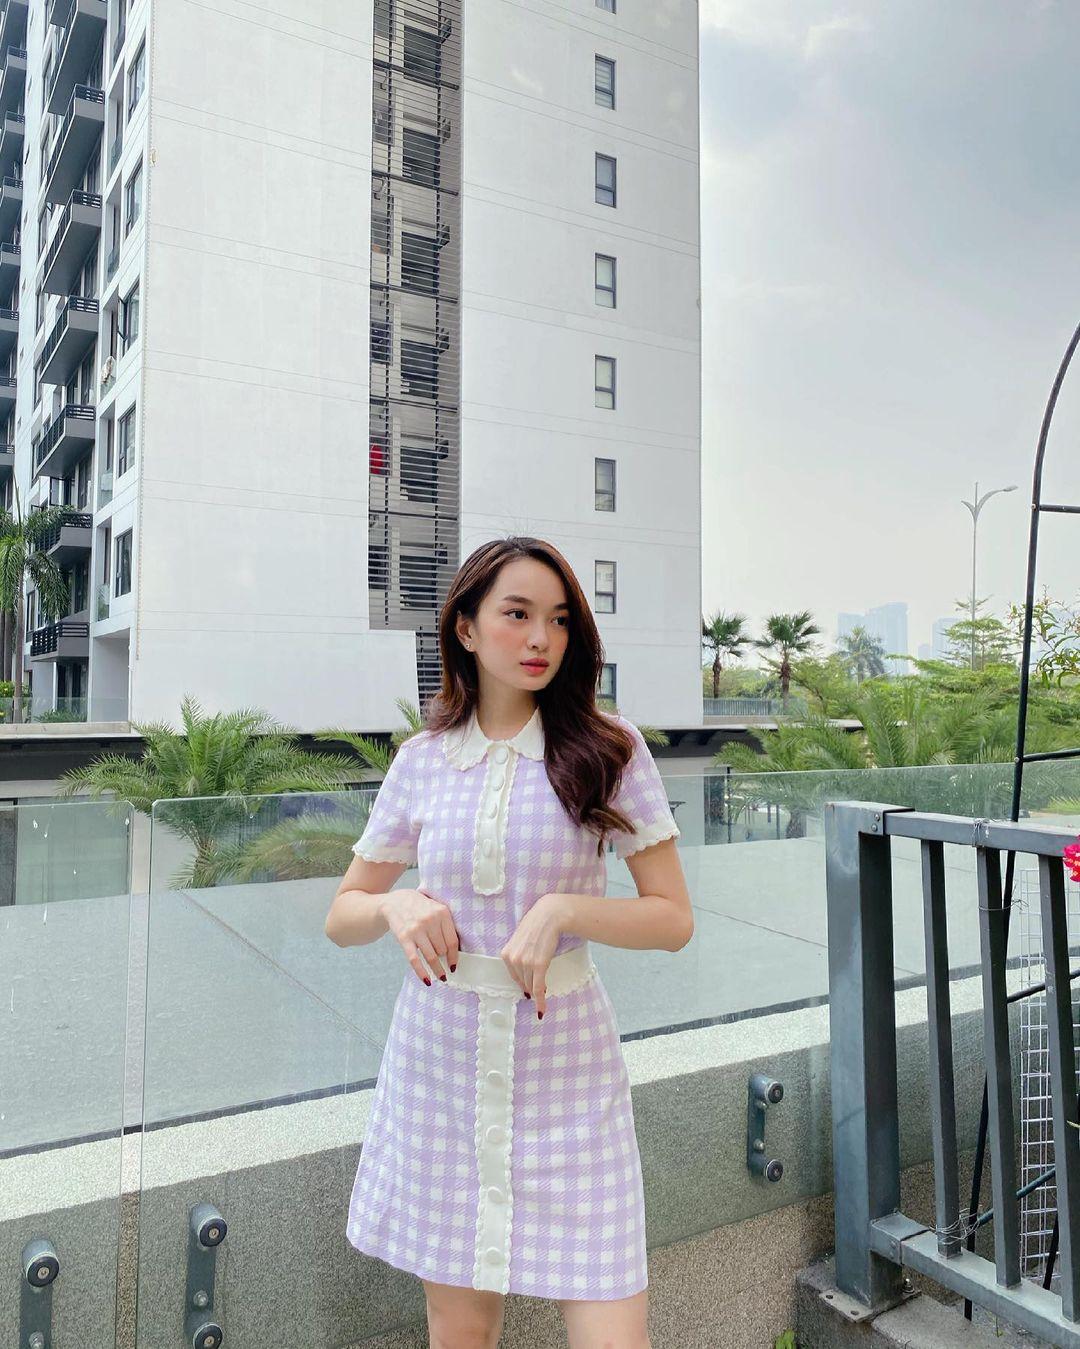 Instagram look của sao Việt sau Tết: Nhã Phương khoe da trắng muốt, Kỳ Duyên và Tóc Tiên sexy bỏng mắt - Ảnh 10.